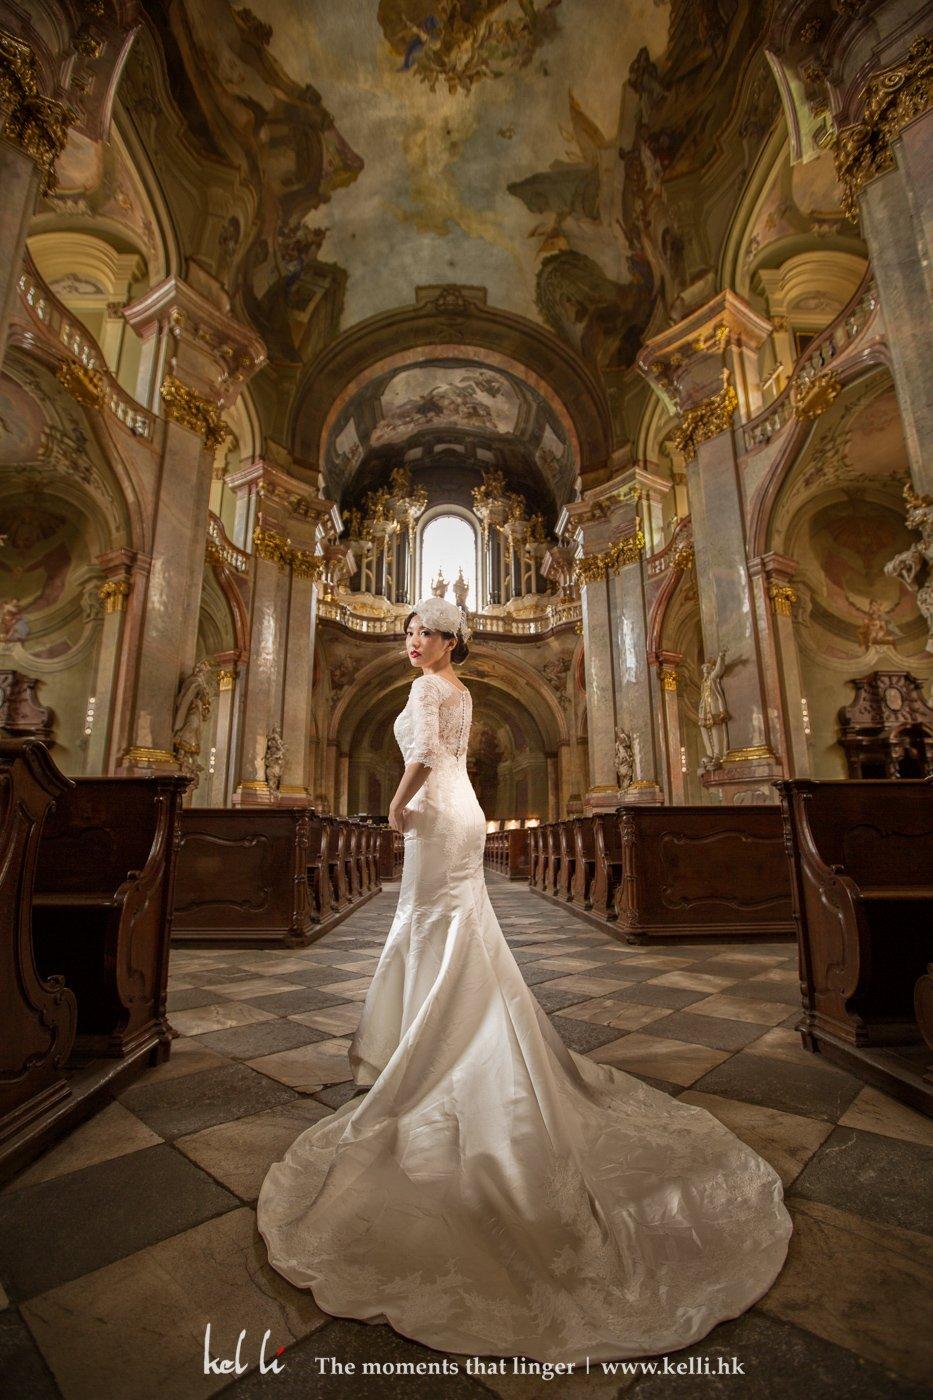 在歐洲能拍攝婚紗照的教堂不多,這個是其中一個,但允許拍攝的時間很有限